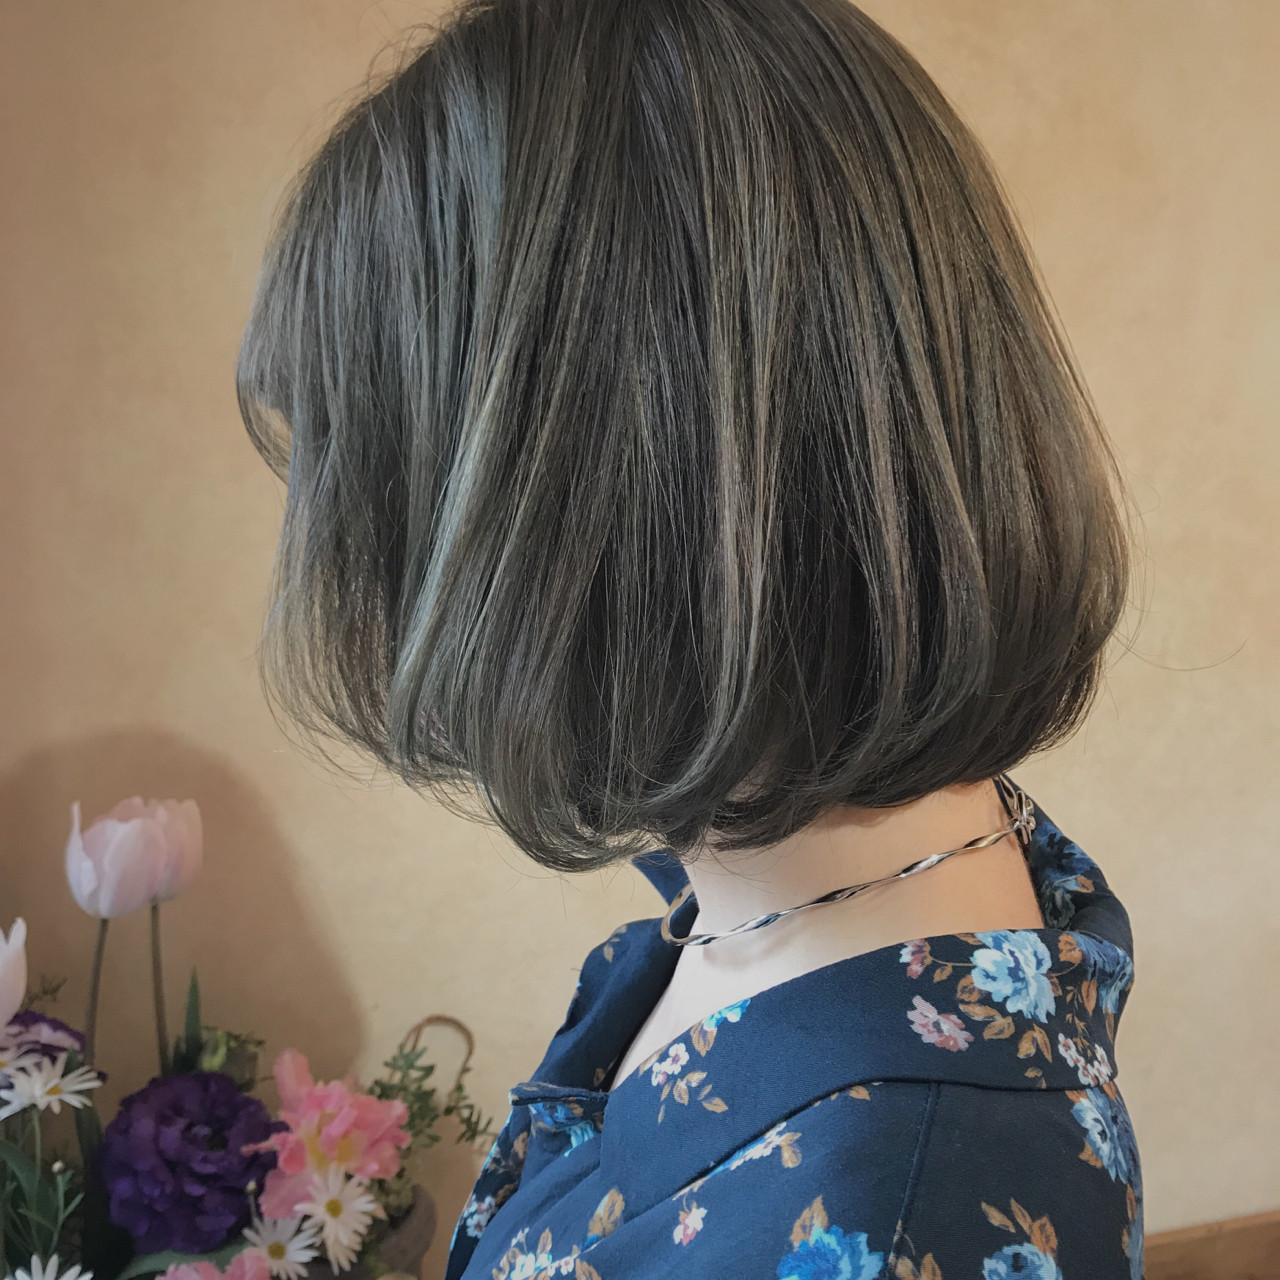 ゆるふわ ハイライト ボブ ナチュラル ヘアスタイルや髪型の写真・画像 | CANAAN山本麻美 / CANAAN